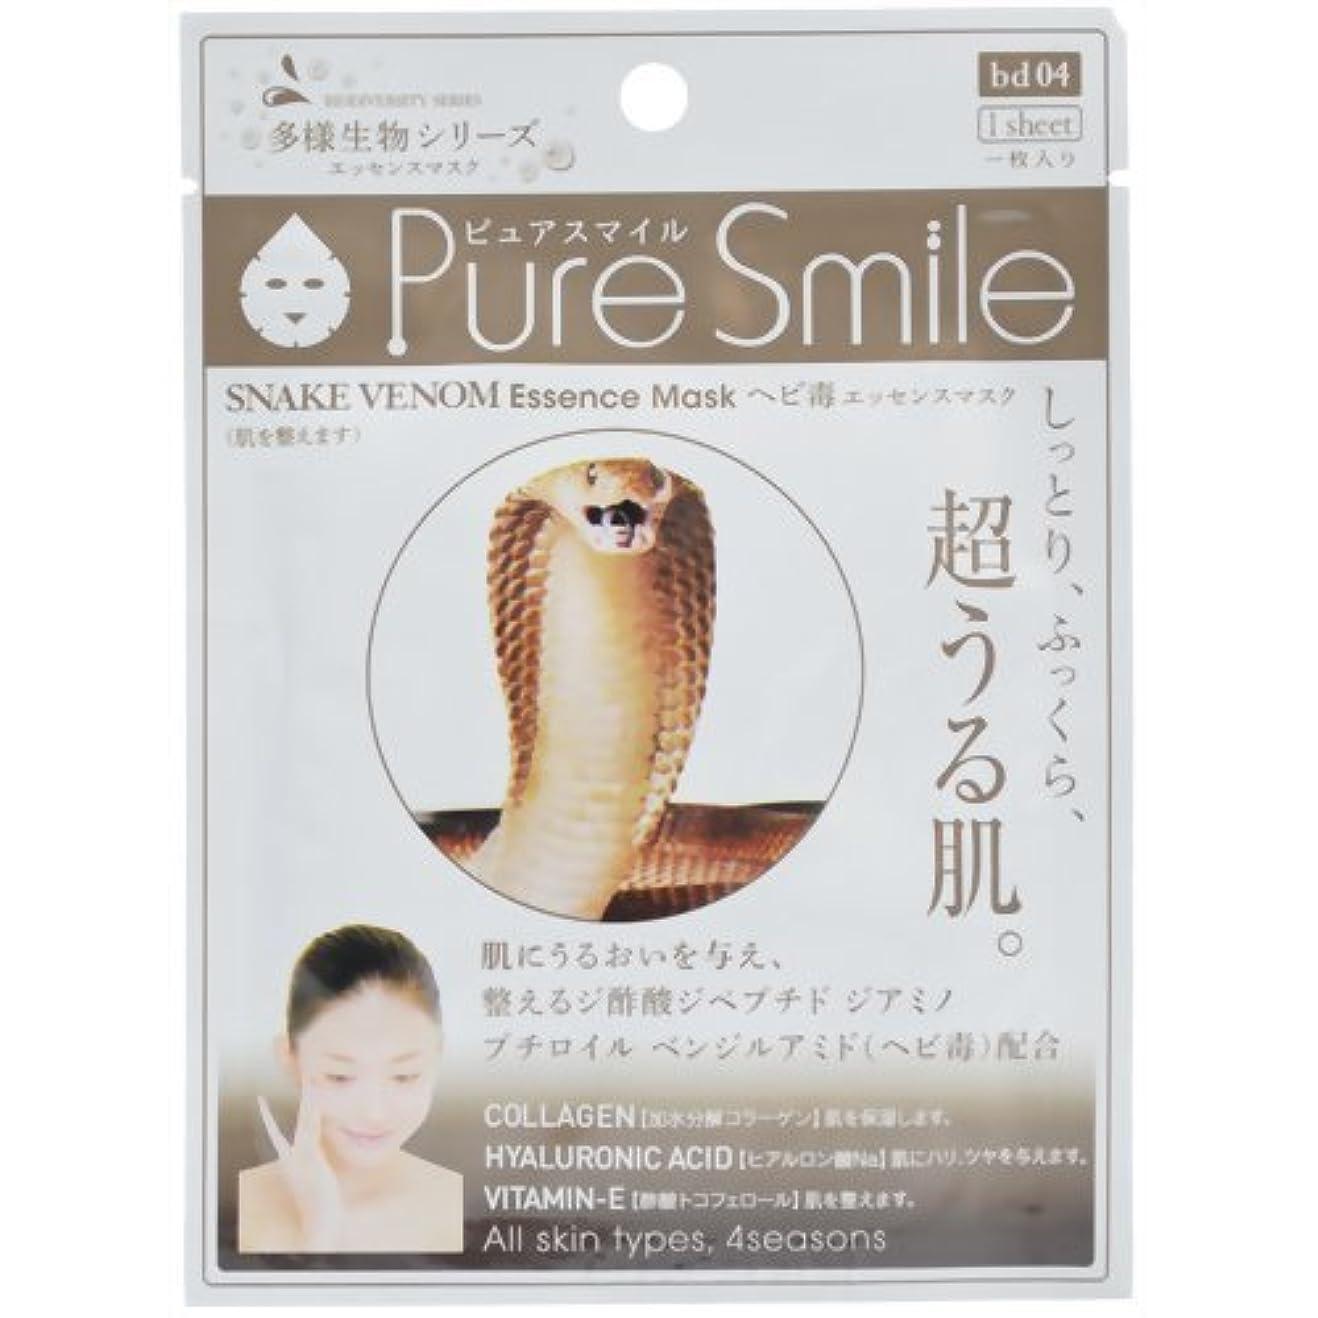 【サンスマイル】エッセンスマスク ヘビ毒 1枚 ×10個セット